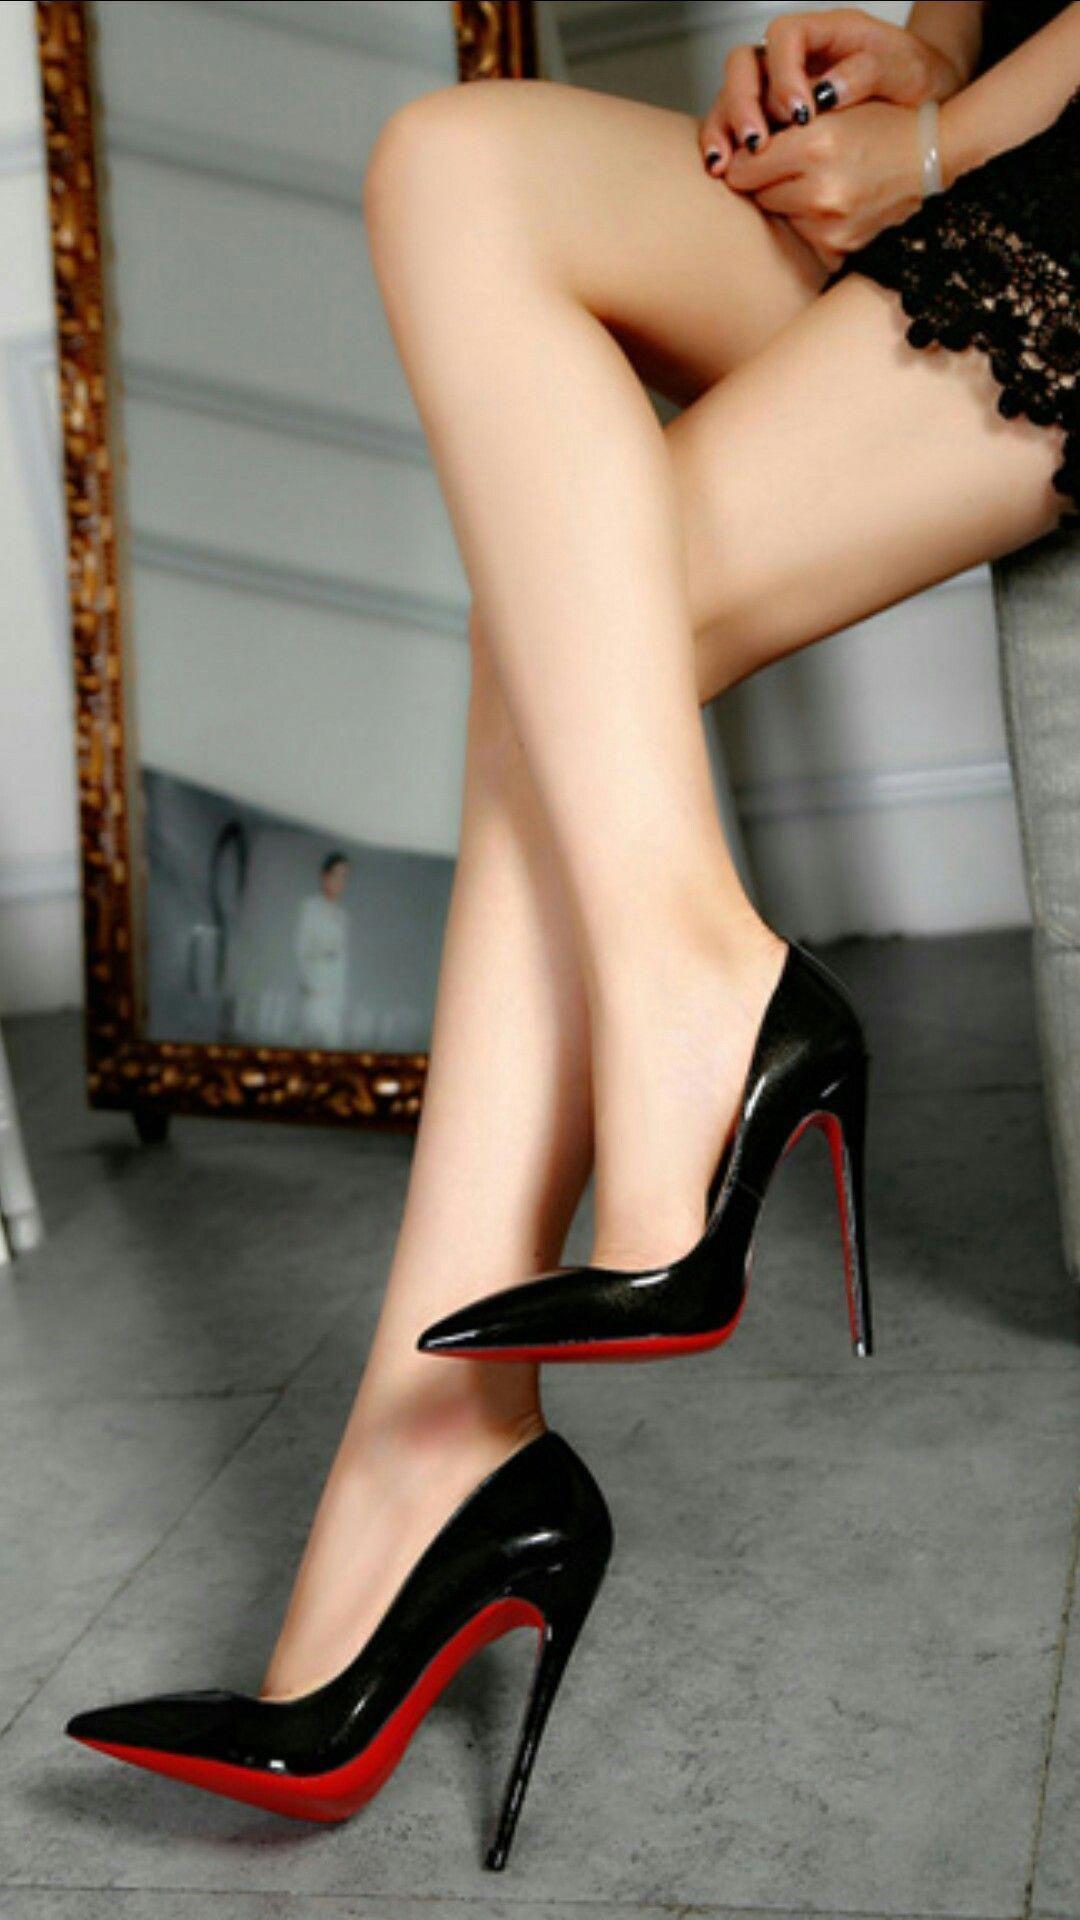 b1902b74a19 Sexy legs n heels. Great Legs and Toe Cleavage  Blackhighheels